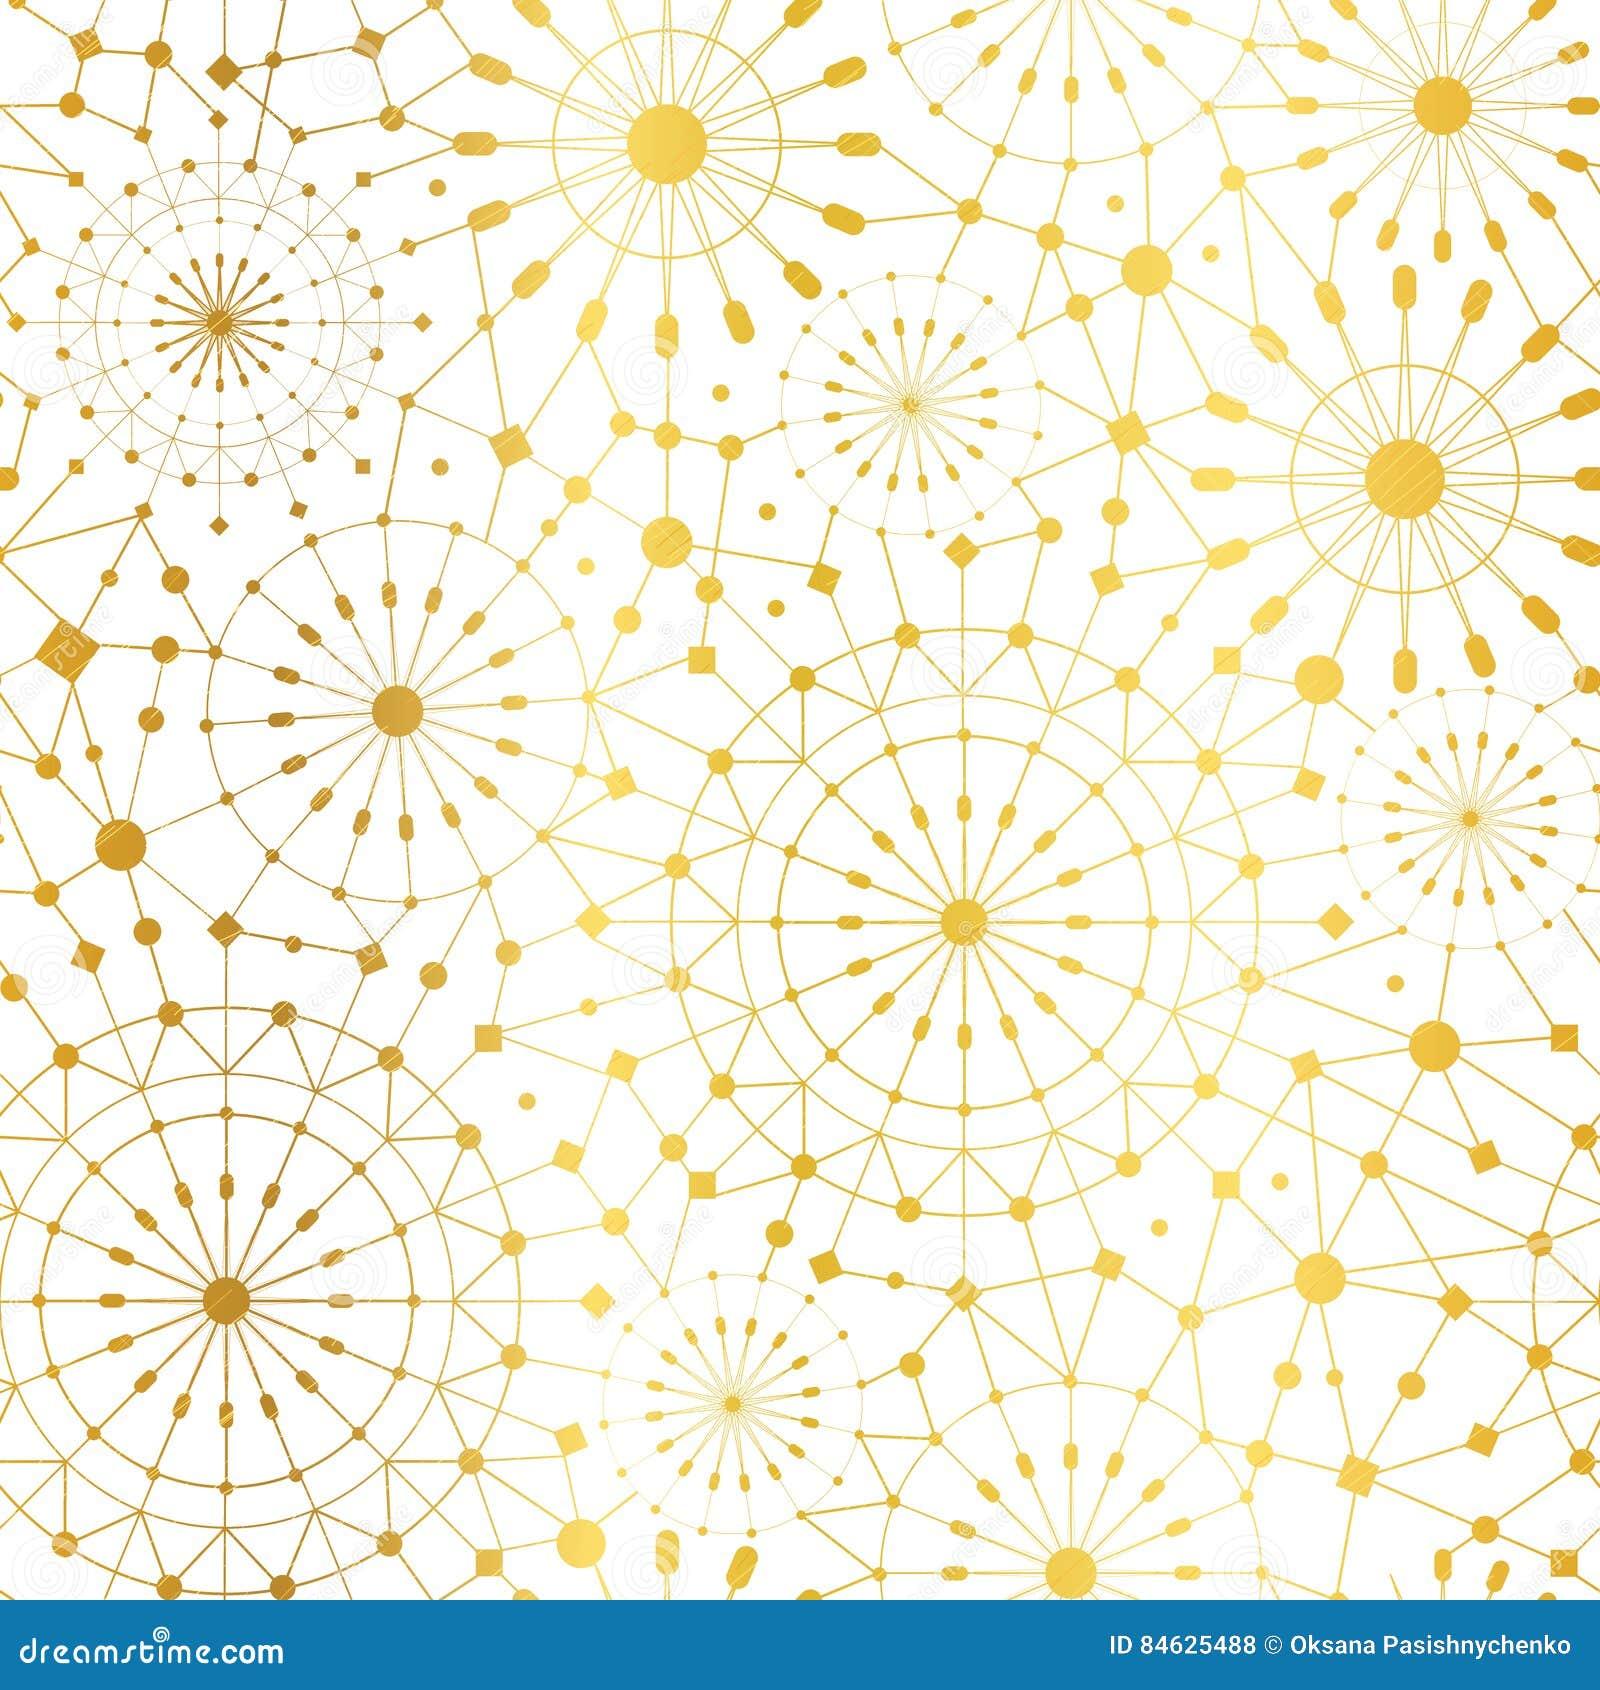 Wektorowych Złotych Białych Abstrakcjonistycznych sieć Kruszcowych okregów Bezszwowy Deseniowy tło Wielki dla eleganckiej złocist